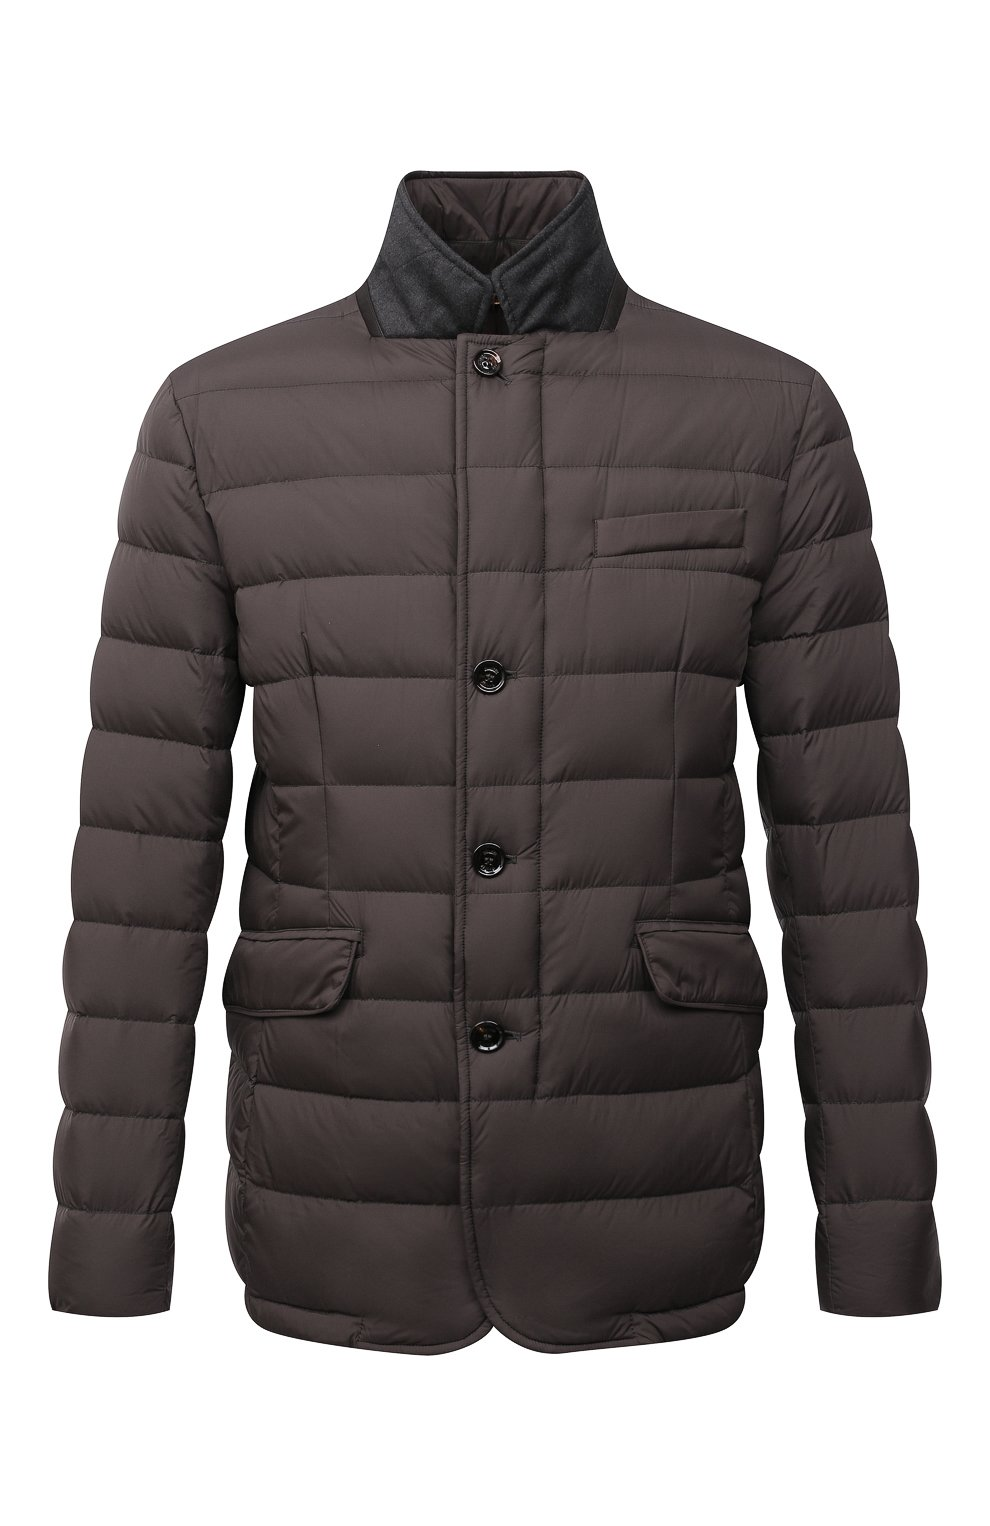 Мужская пуховая куртка zayn-op MOORER коричневого цвета, арт. ZAYN-0P/M0UGI100307-TEPA017   Фото 1 (Кросс-КТ: Куртка, Пуховик; Мужское Кросс-КТ: пуховик-короткий; Рукава: Длинные; Материал внешний: Синтетический материал; Материал подклада: Синтетический материал; Длина (верхняя одежда): Короткие; Материал утеплителя: Пух и перо; Стили: Кэжуэл)